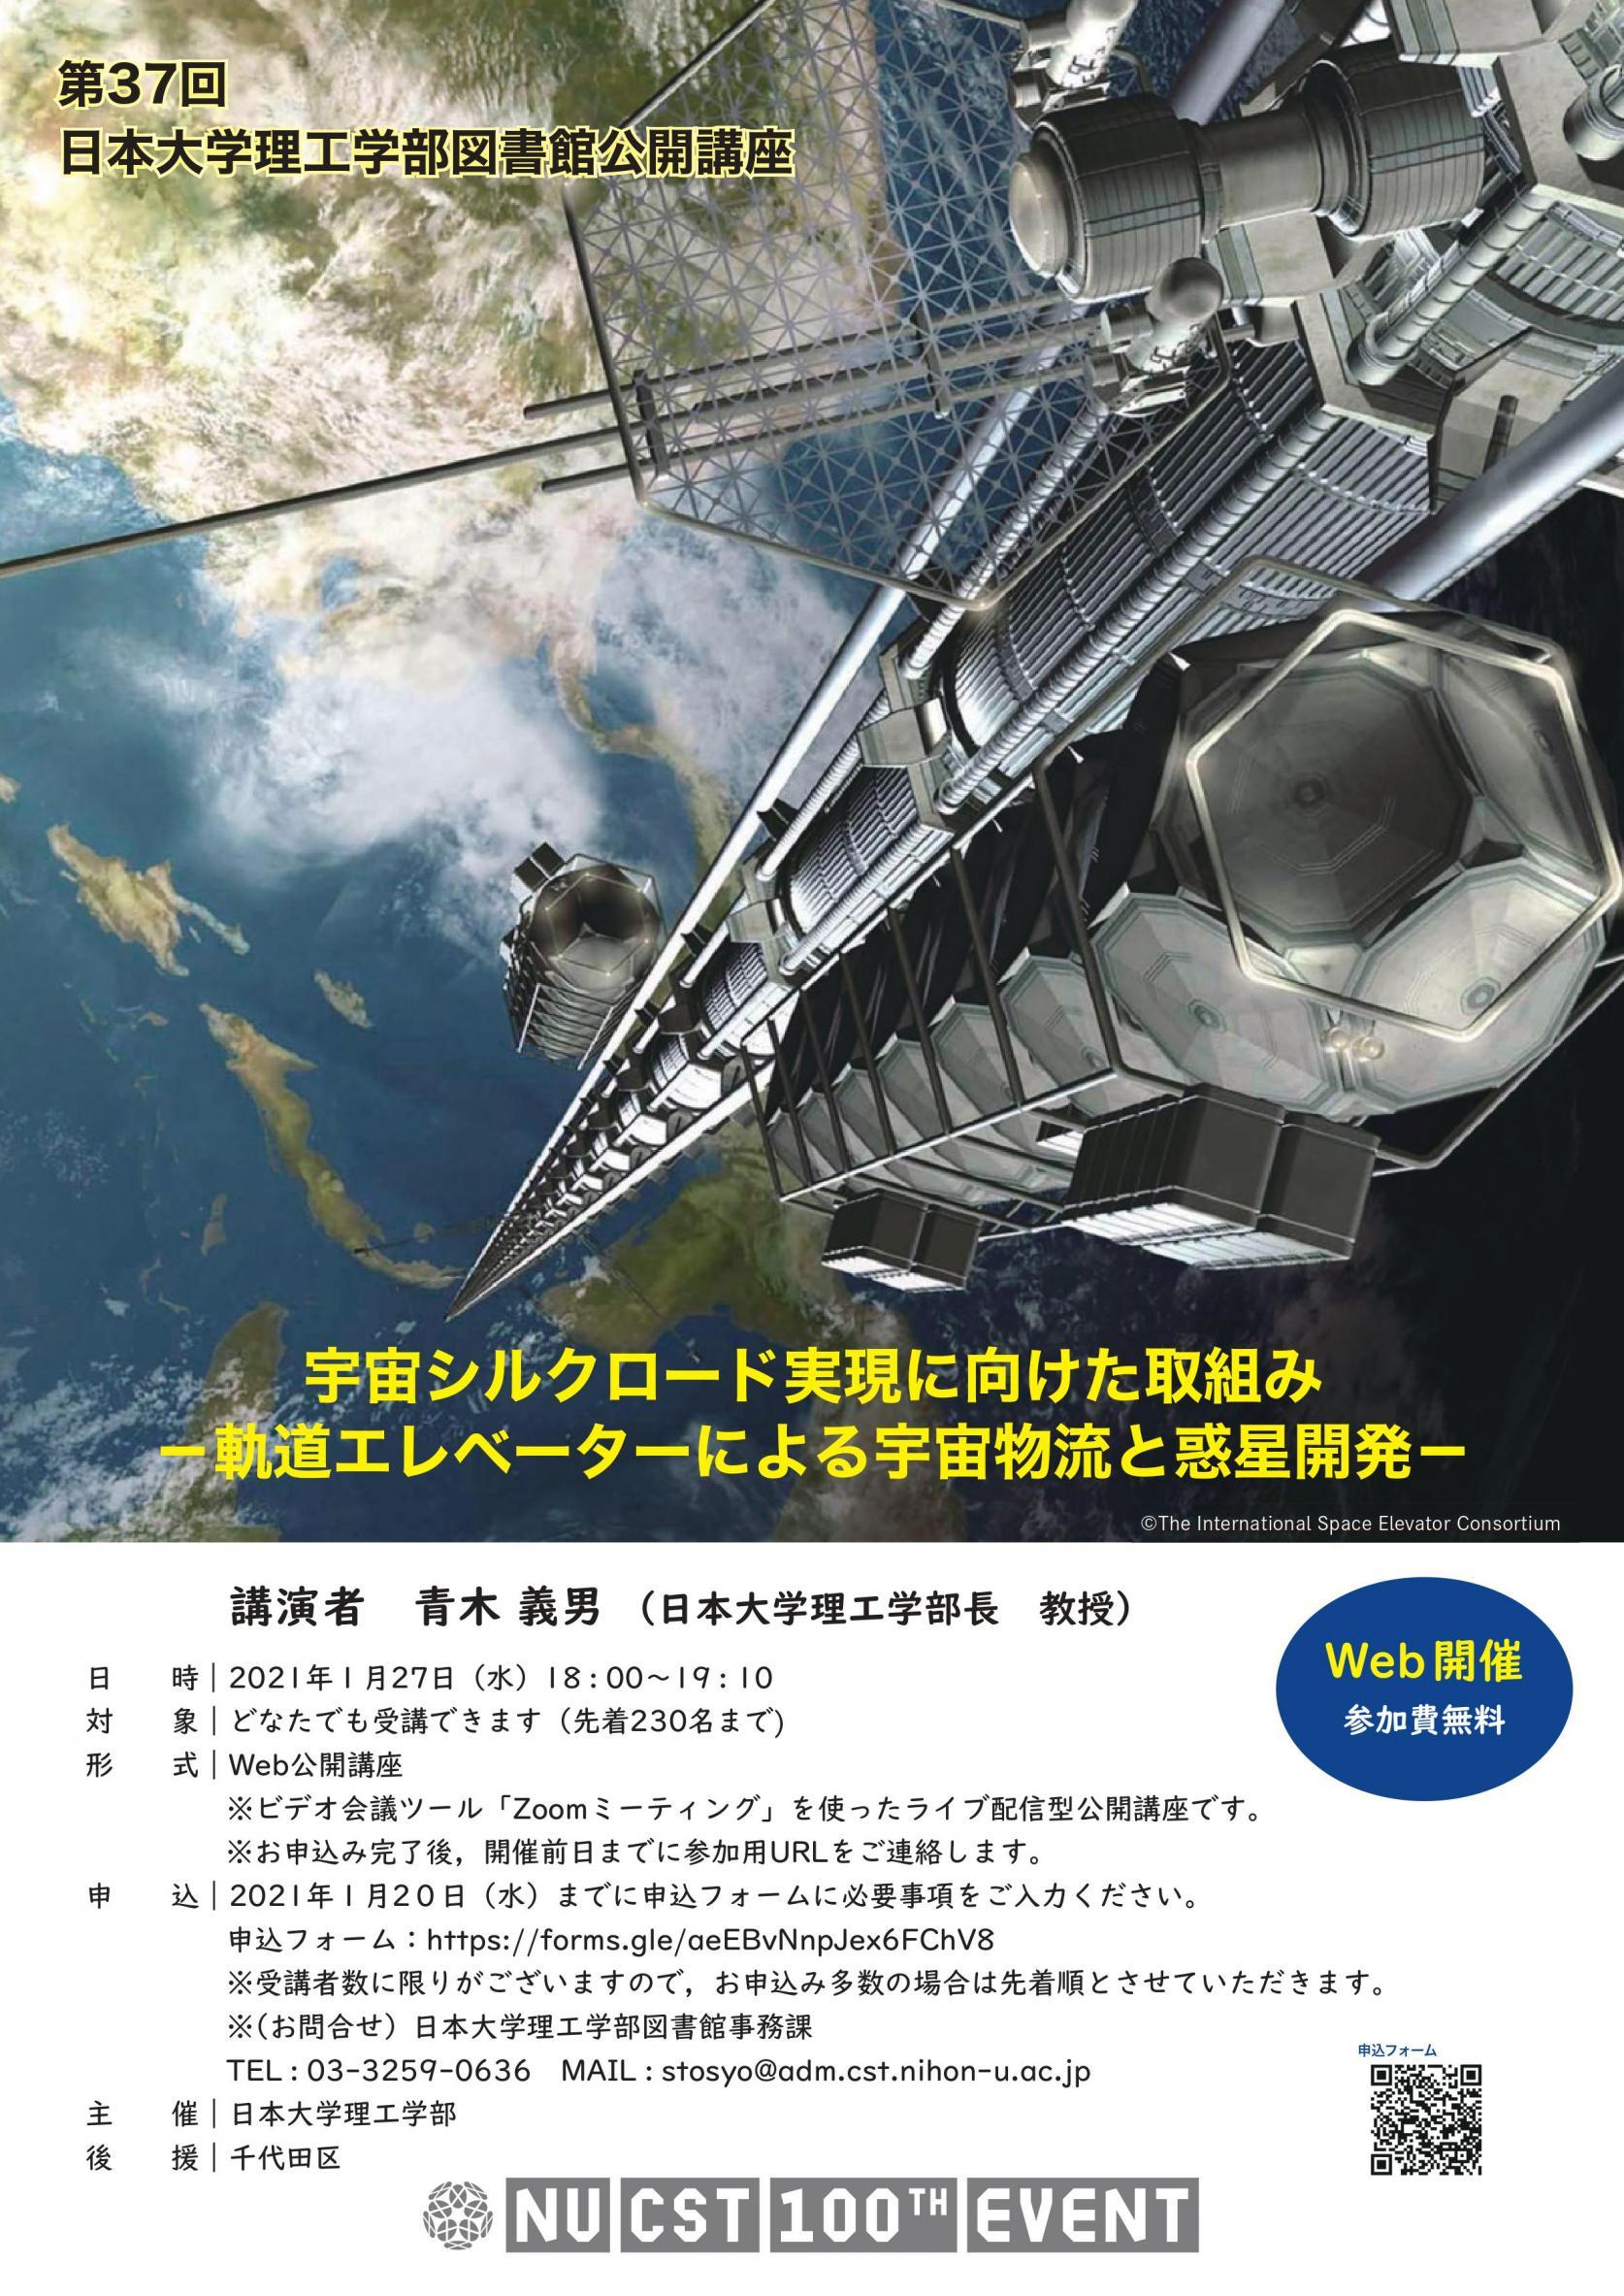 第37回日本大学理工学部図書館公開講座 <br>宇宙シルクロード実現に向けた取組み <br>-軌道エレベーターによる宇宙物流と惑星開発-